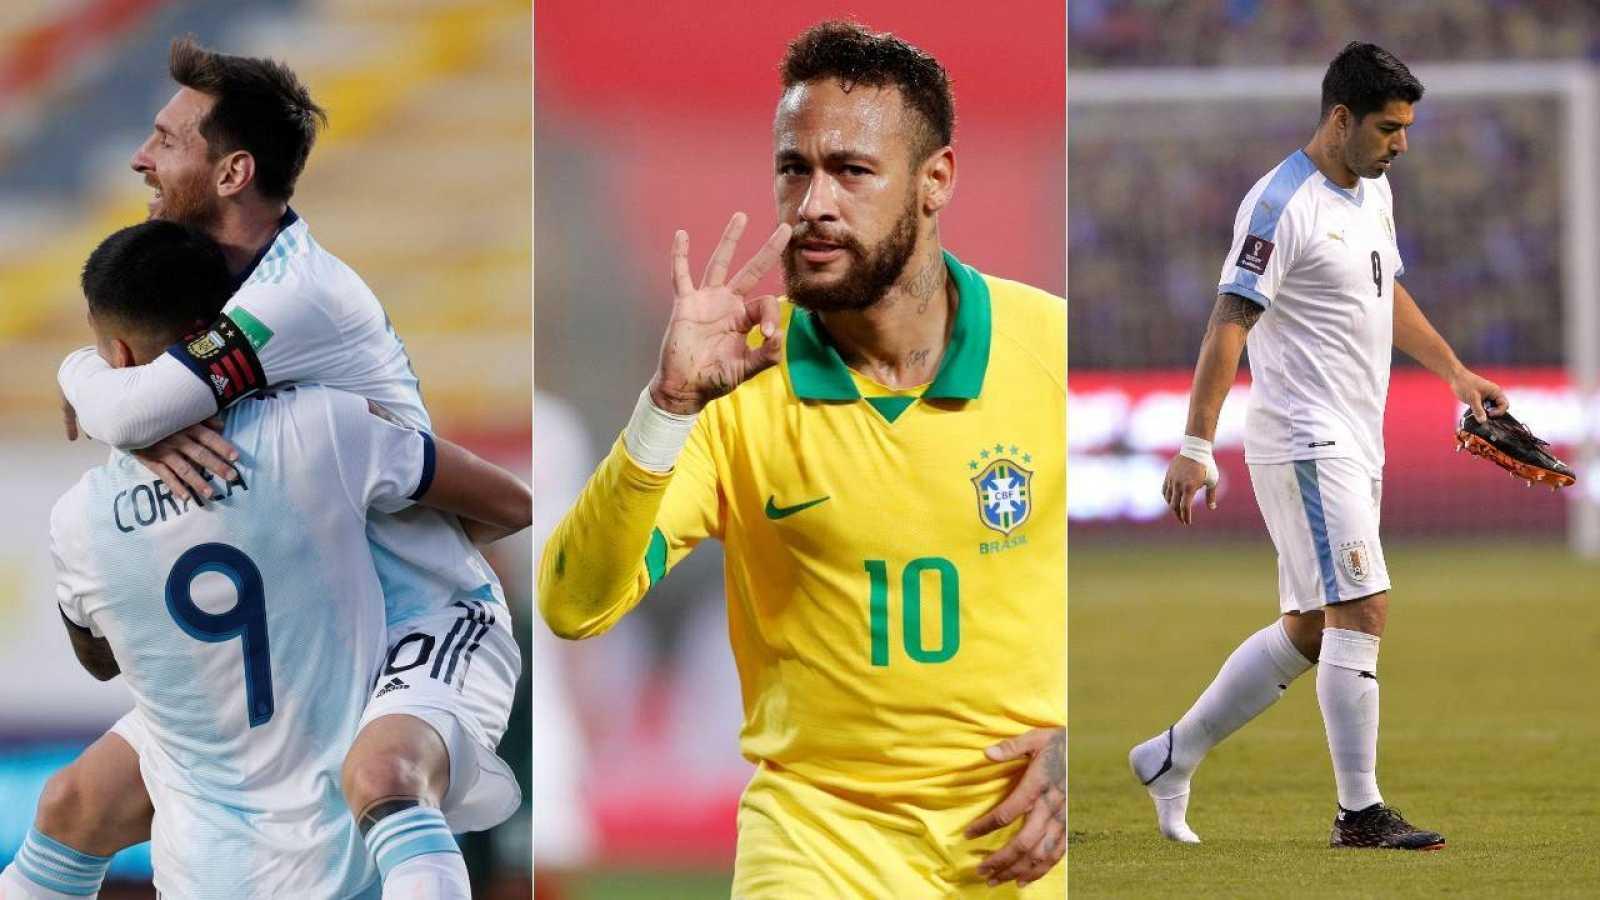 Leo Messi, Neymar y Luis Suárez durante los partidos clasificatorios para el Mundiald e Catar 2022